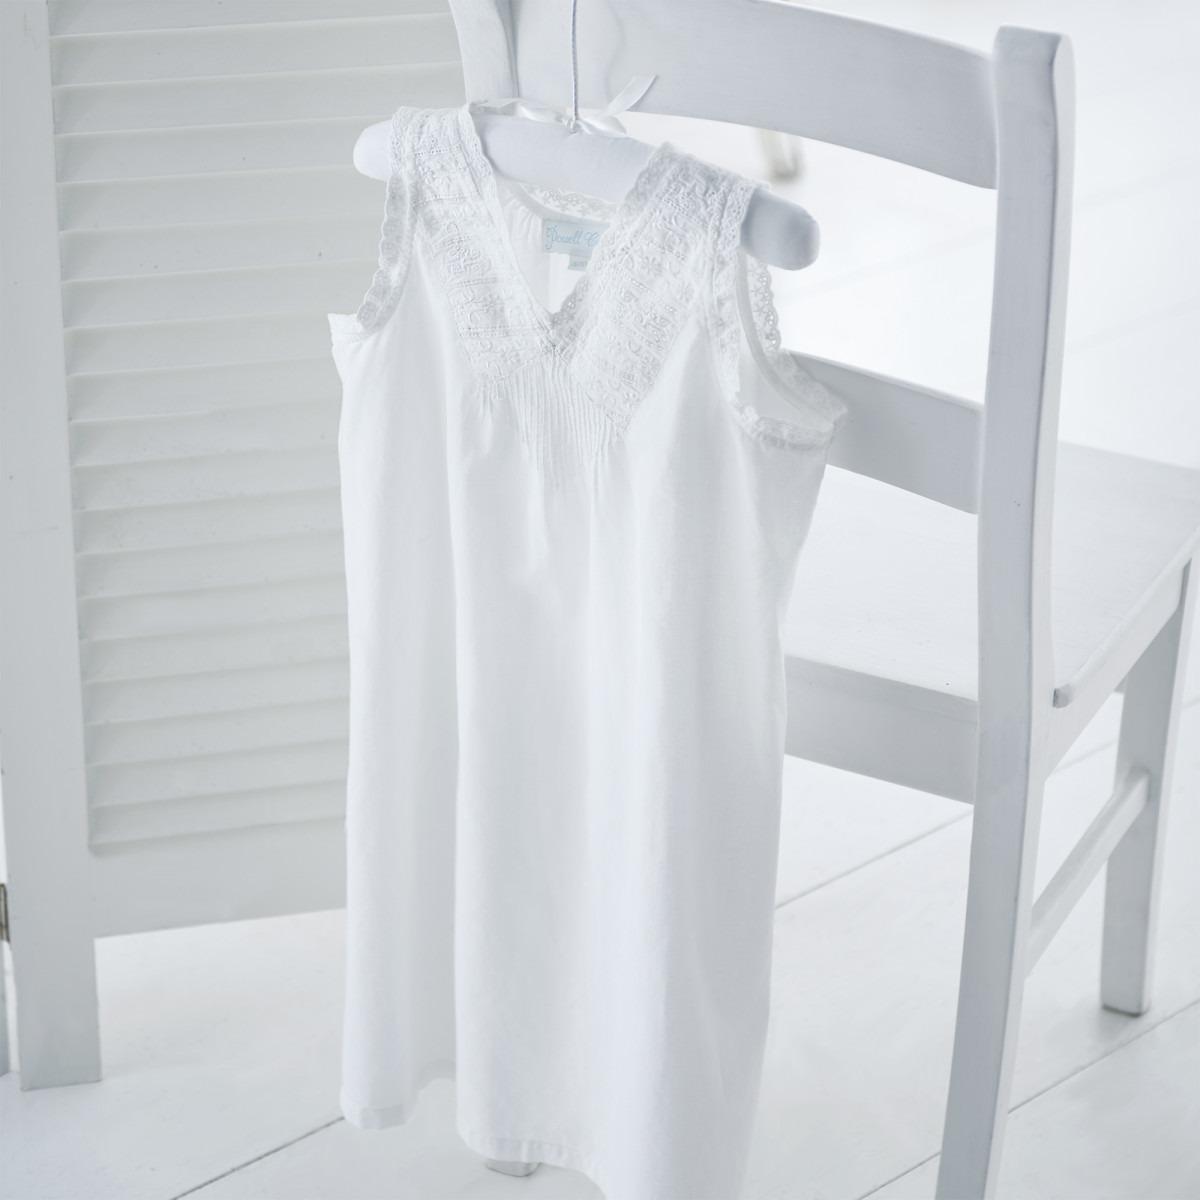 Wendy Girls's Nightdress